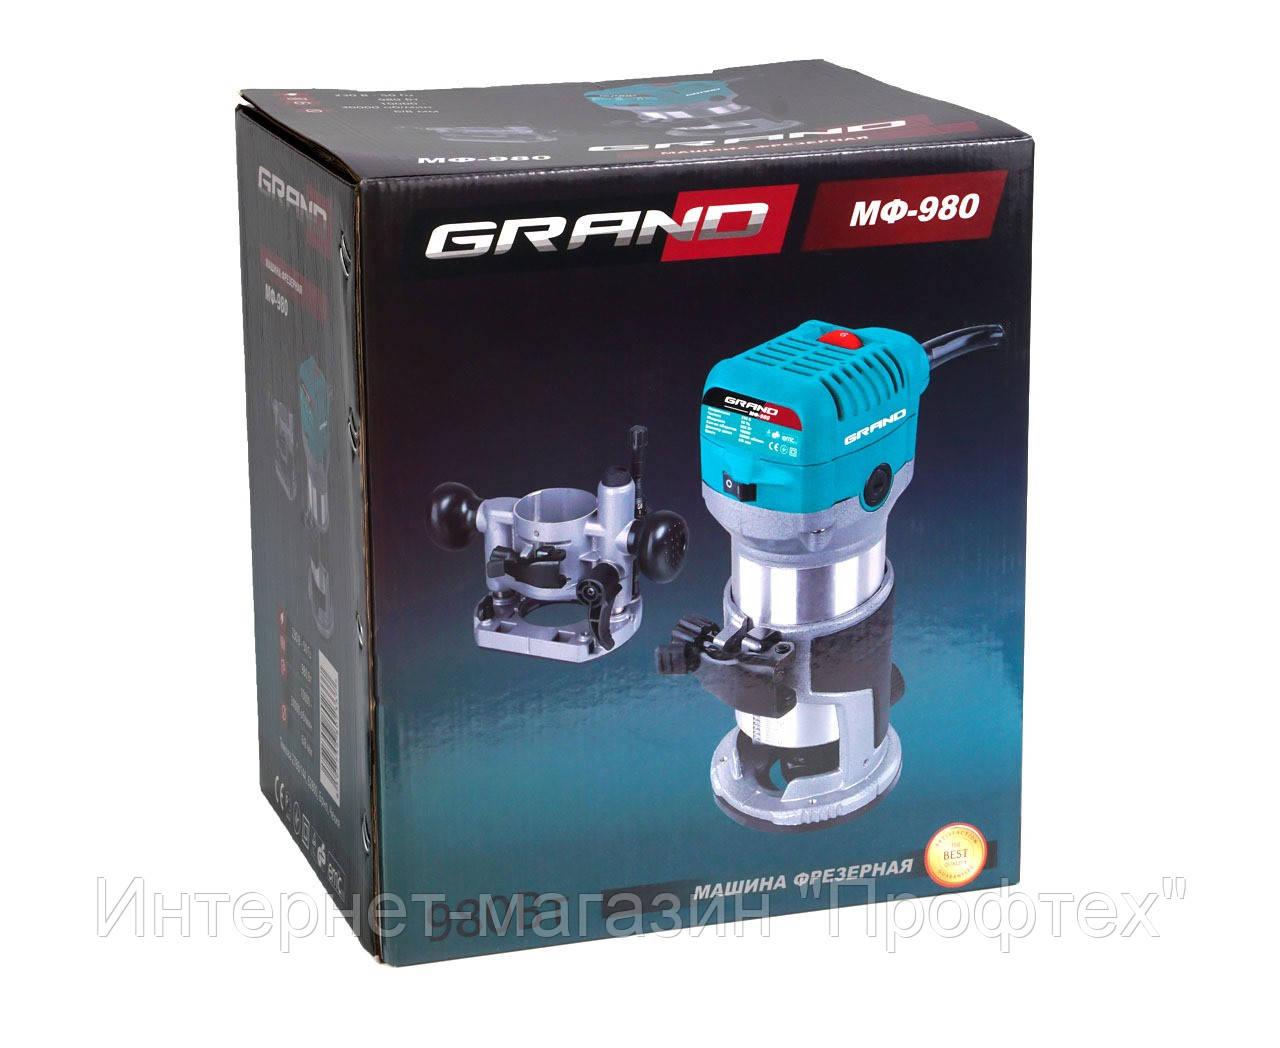 Фрезер Grand МФ-980